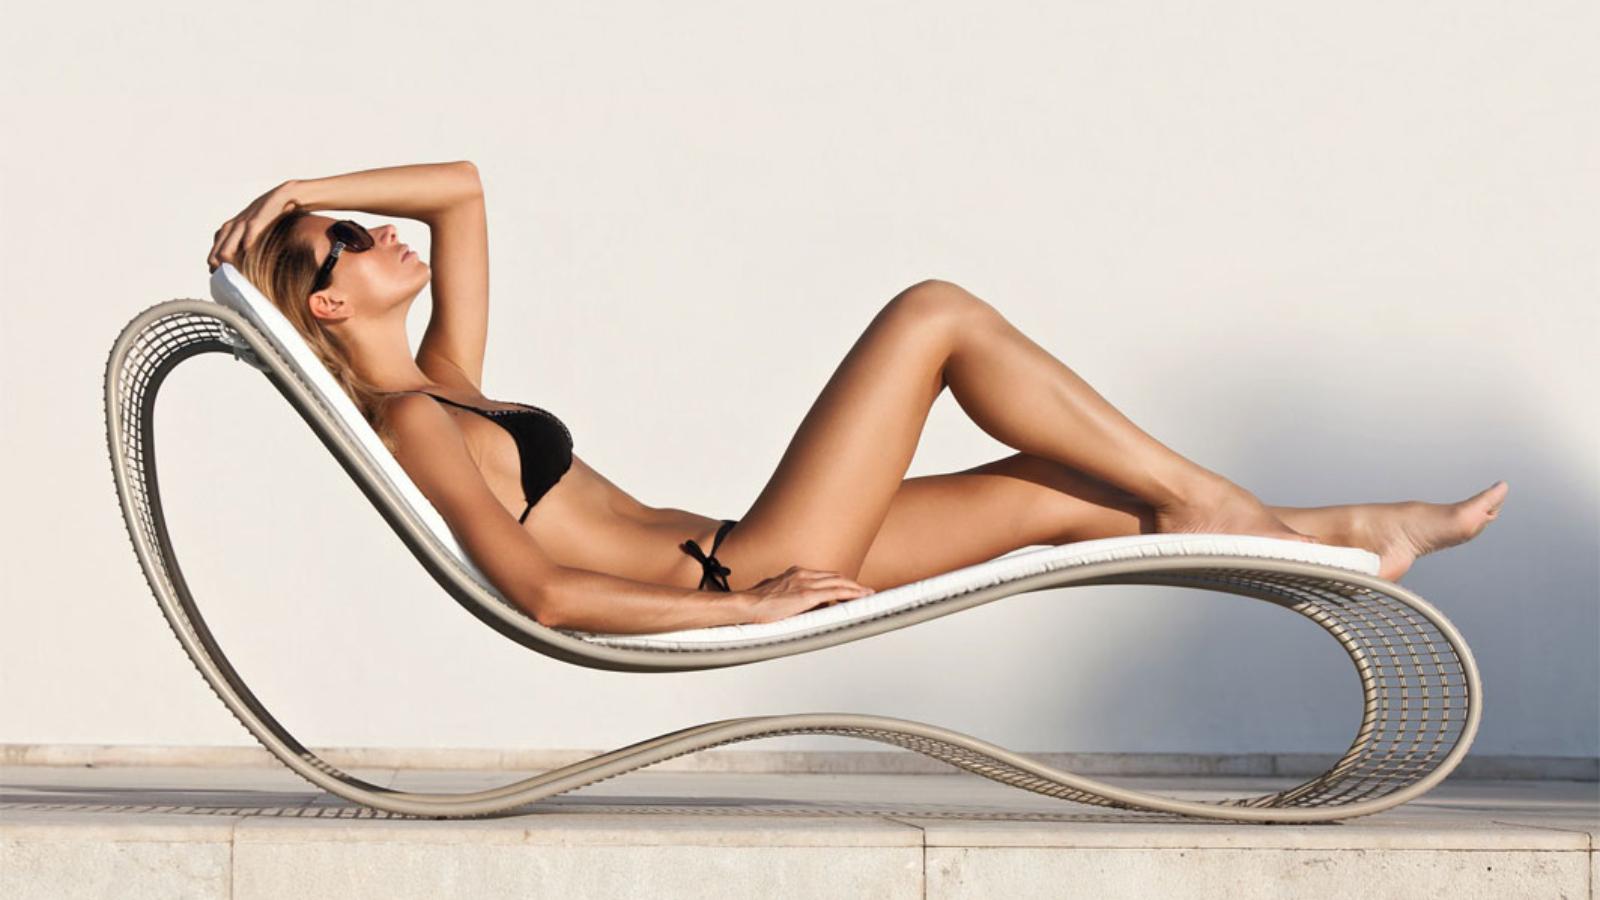 breez-sunbed-talenti-core-furniture-lifestyle1